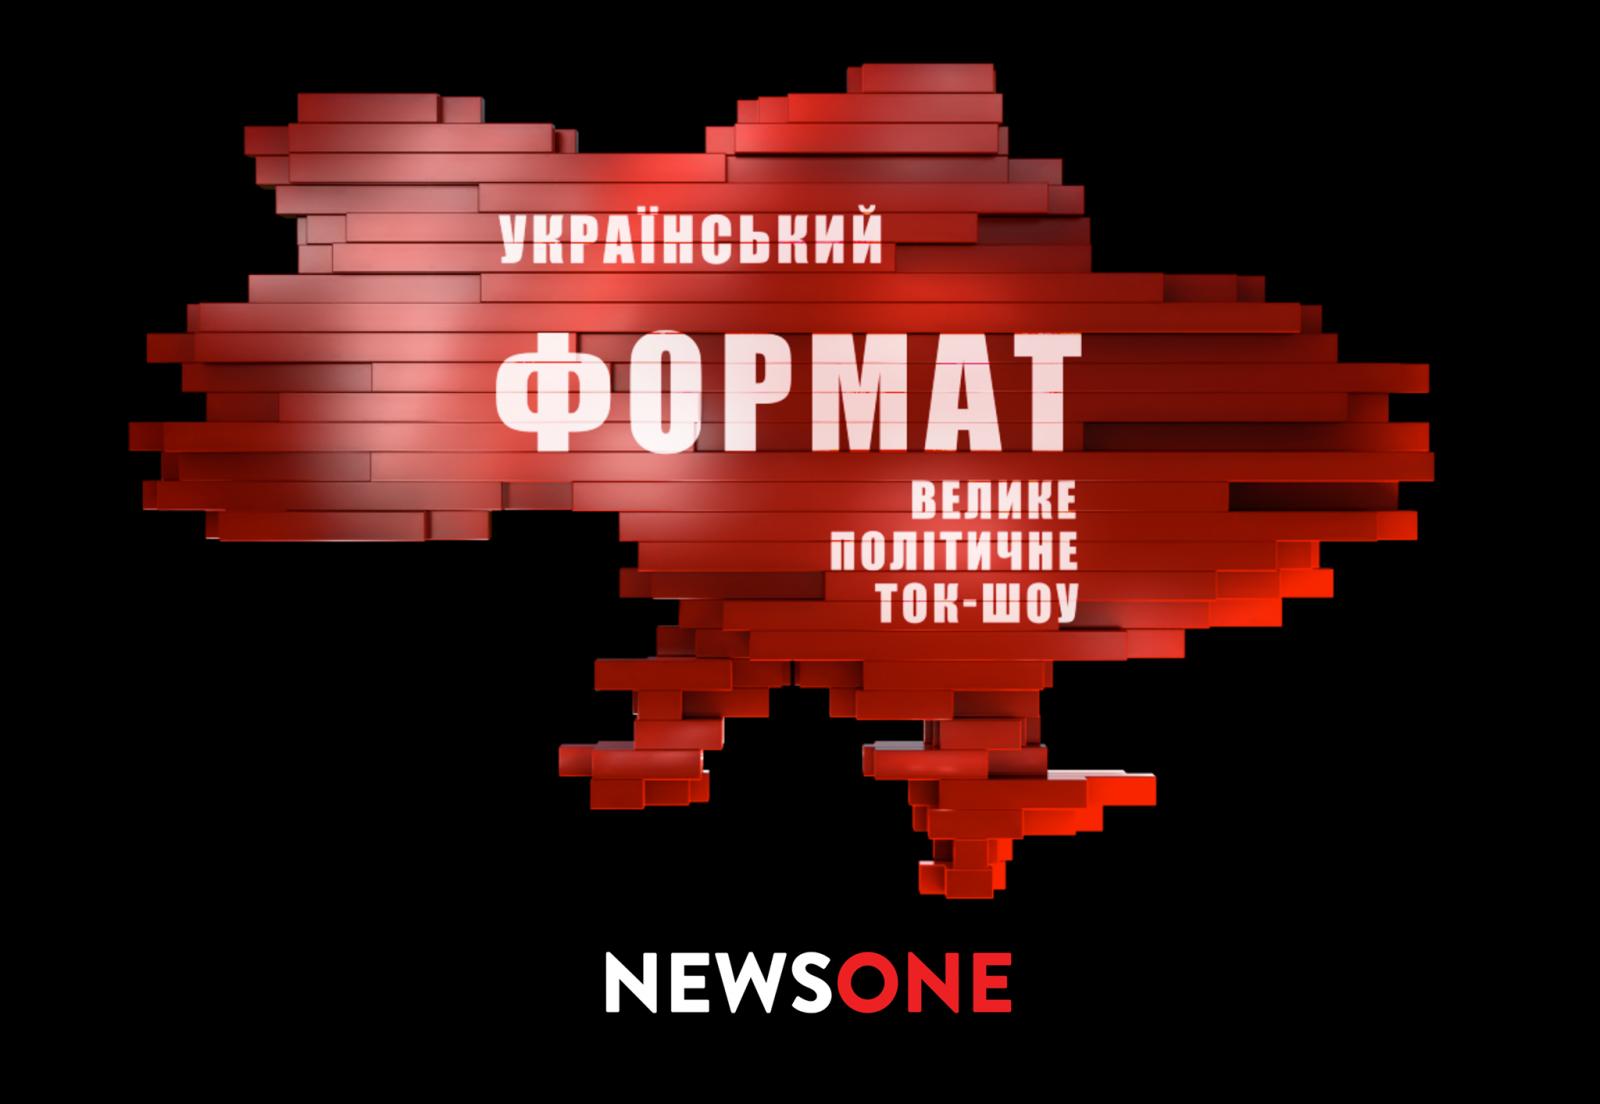 Большое политическое ток-шоу «Украинский формат» возвращается в прямой э...